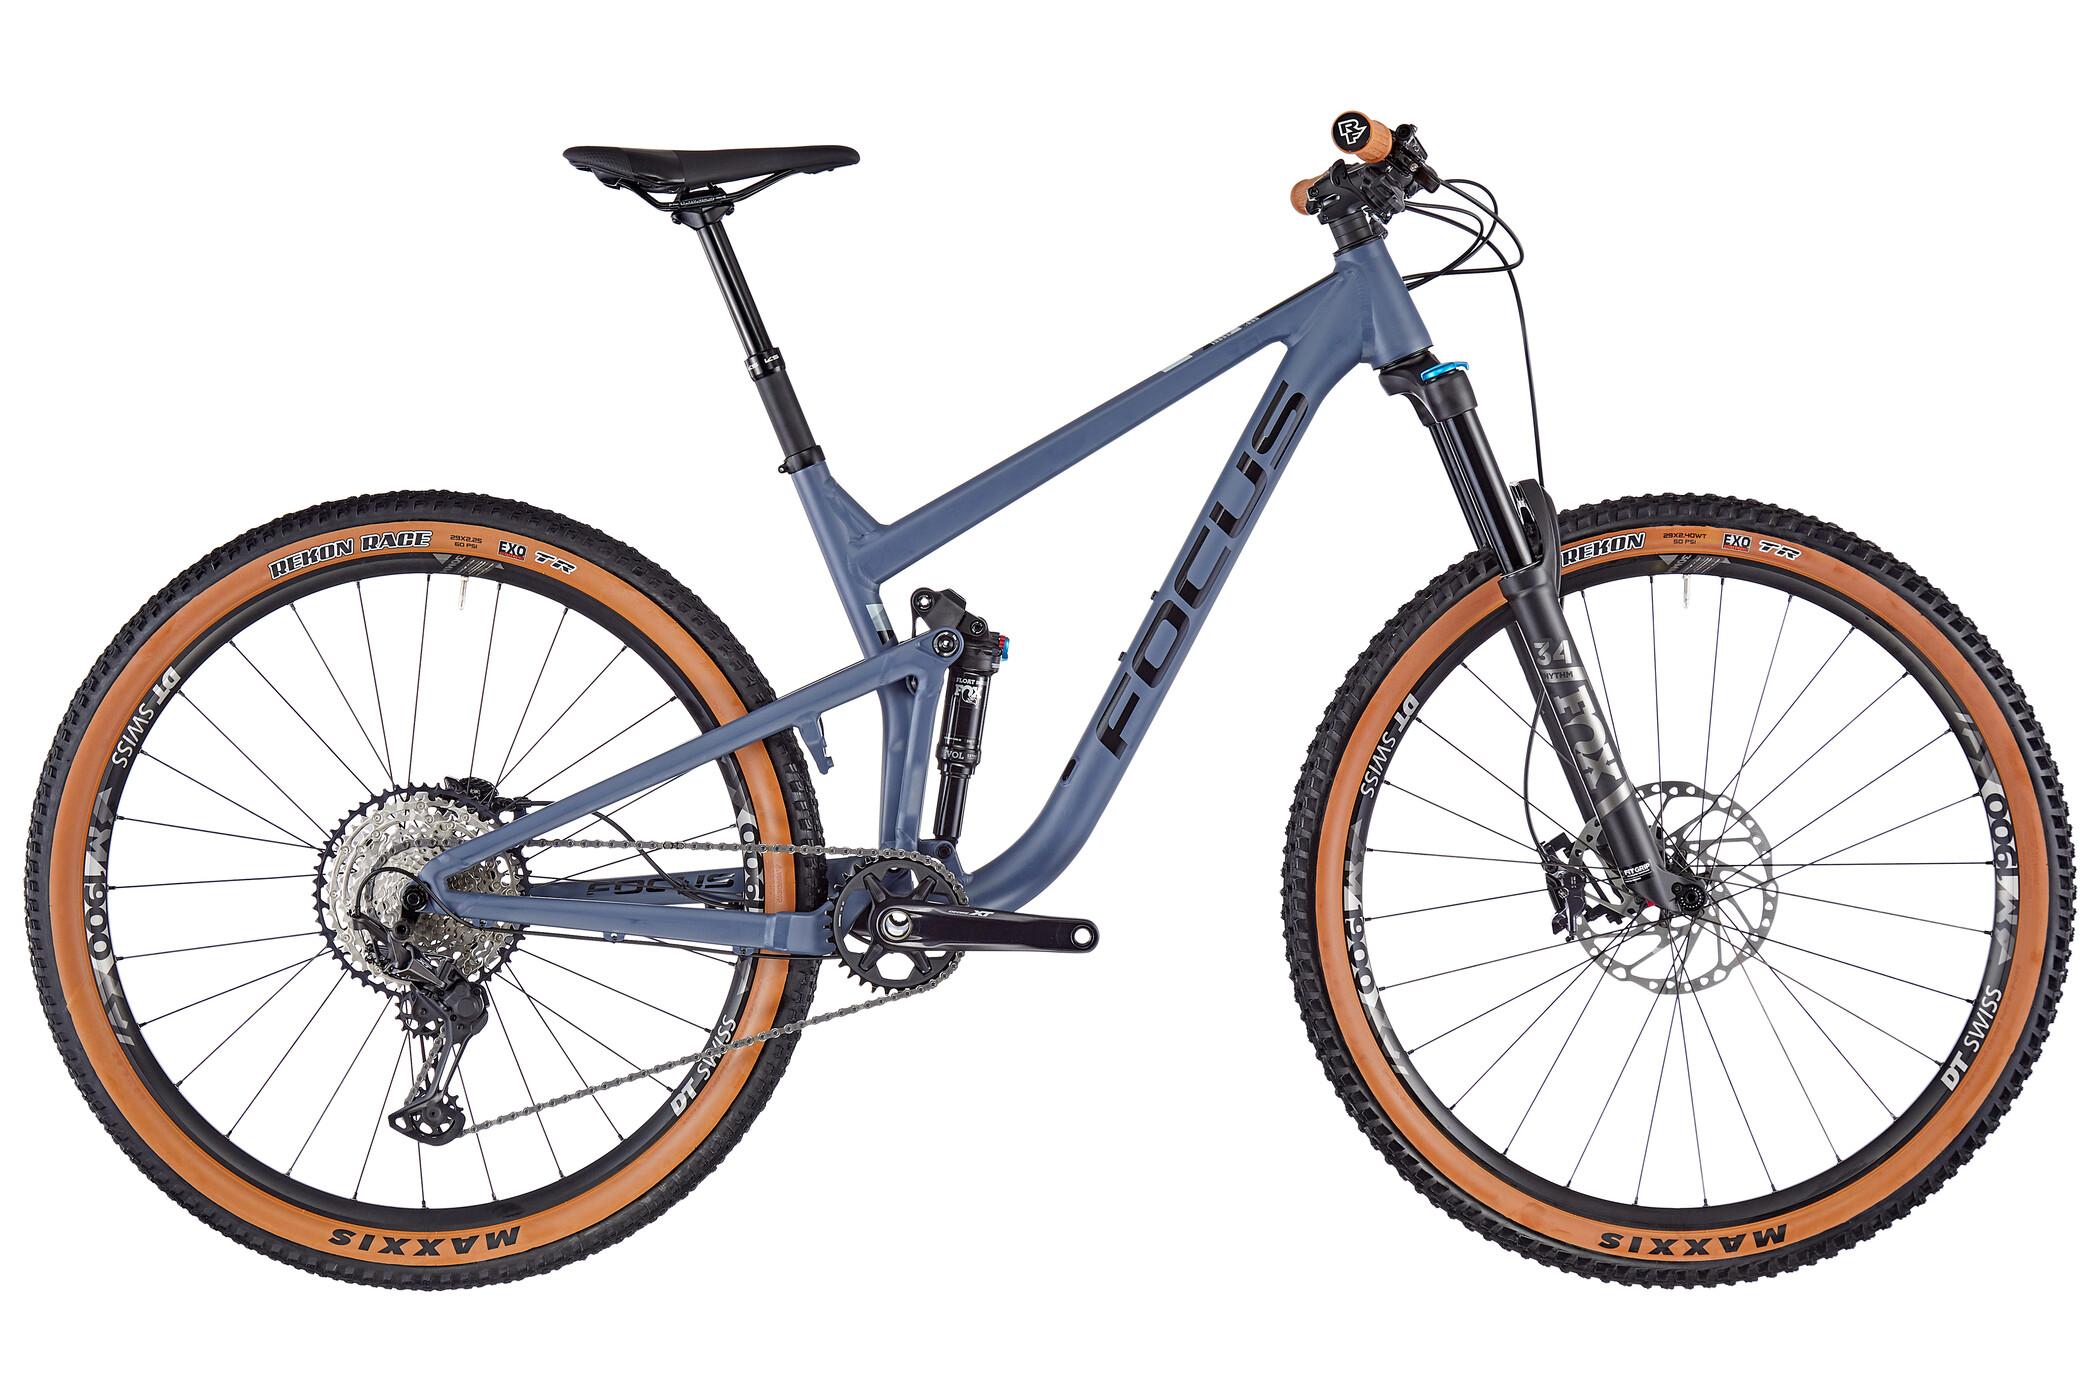 Beatie guardabarros delantero y trasero para bicicleta multicolor rain-board monta/ña universal Guardabarros bicicleta Fender